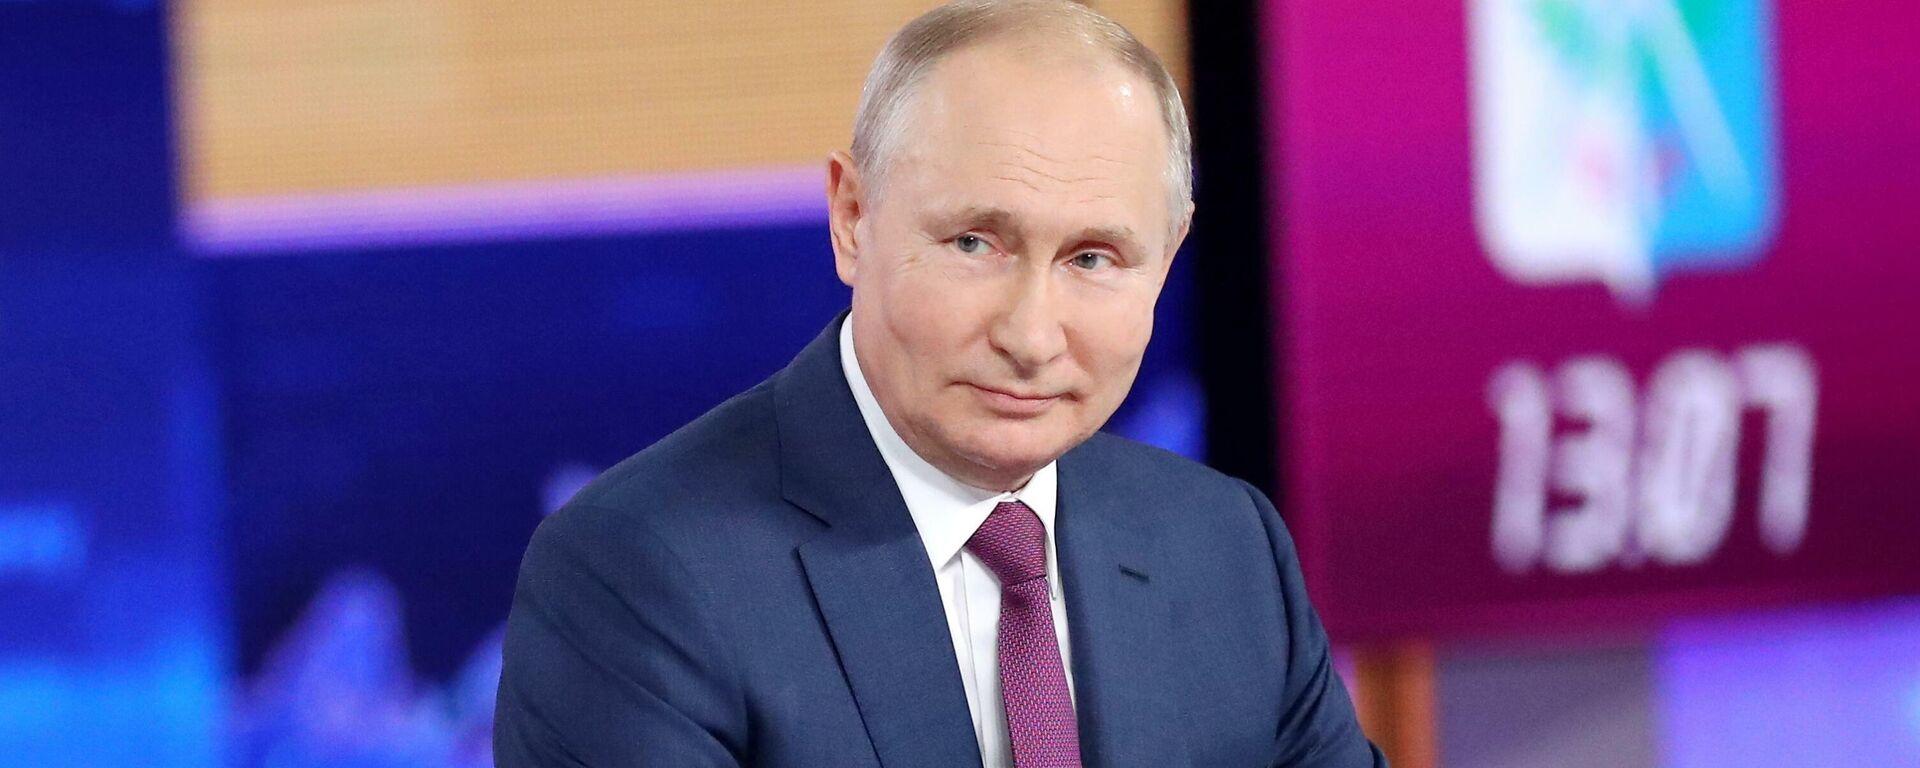 Прямая линия с Владимиром Путиным 30 июня 2021 года  - Sputnik Таджикистан, 1920, 30.06.2021